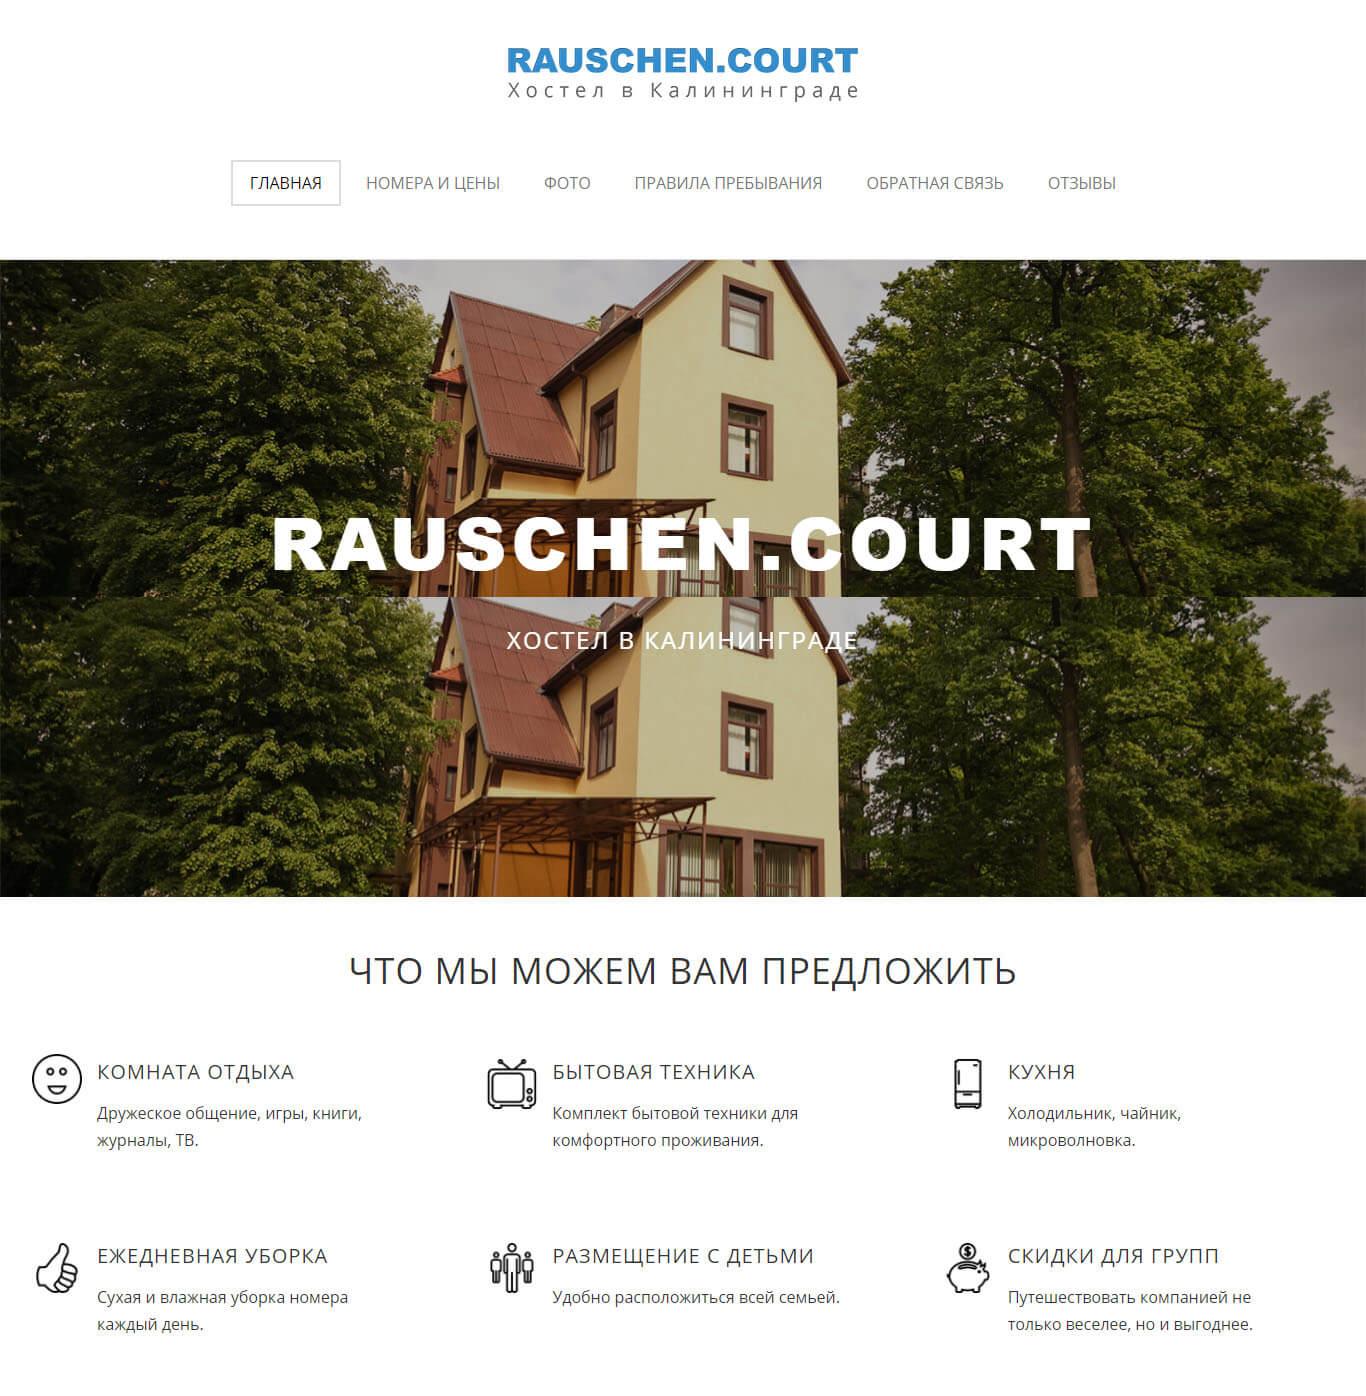 rauschencourt1